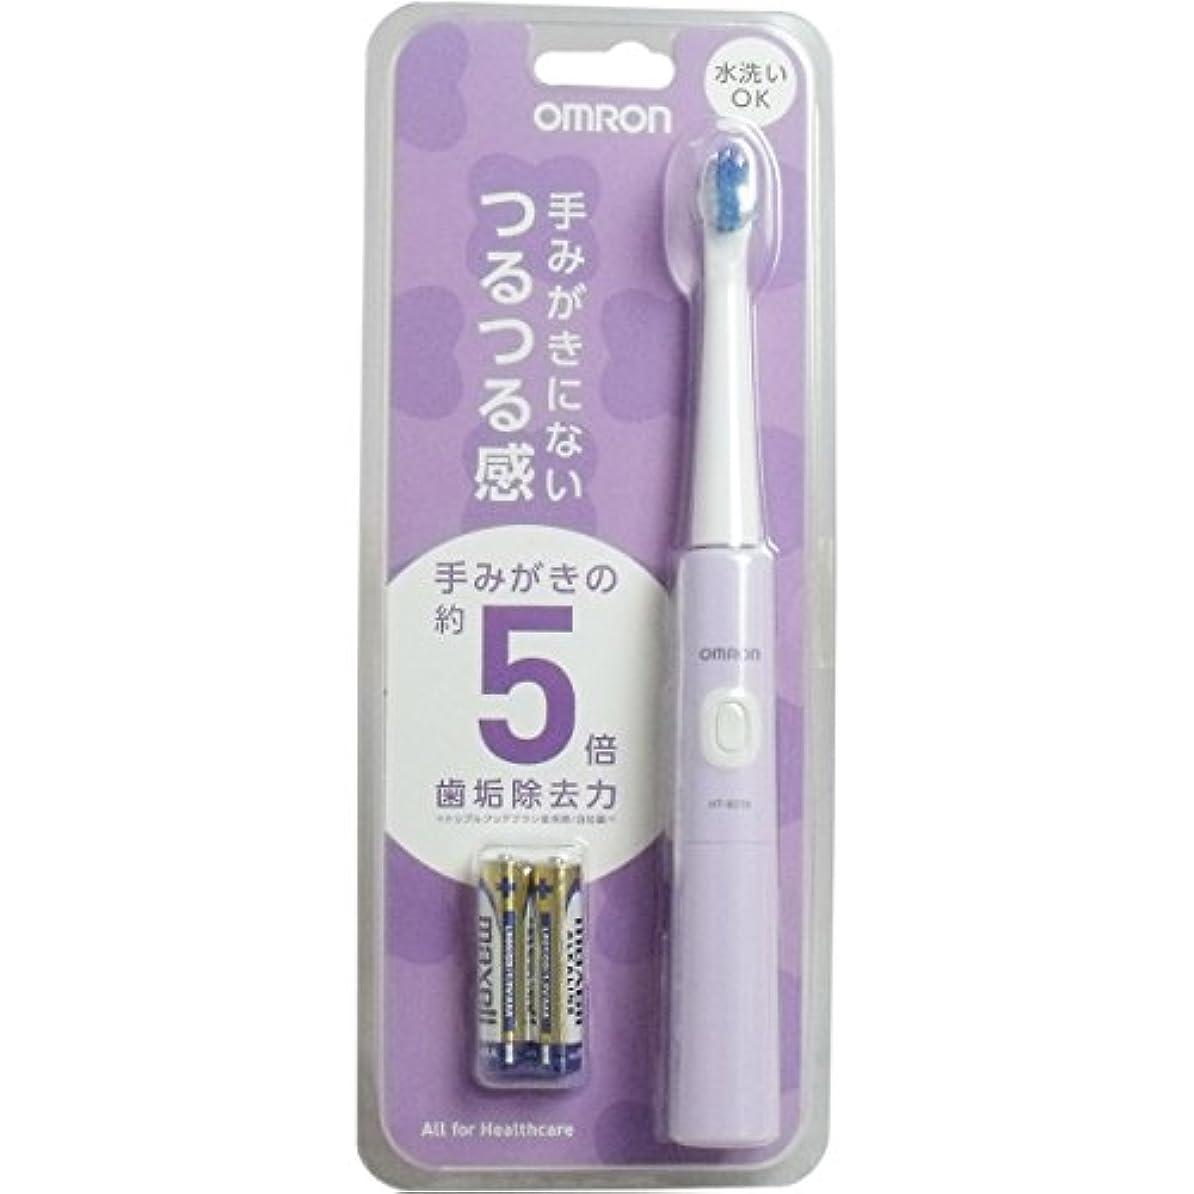 母立派な爆風オムロンヘルスケア 音波式電動歯ブラシ パープル HT-B210-V